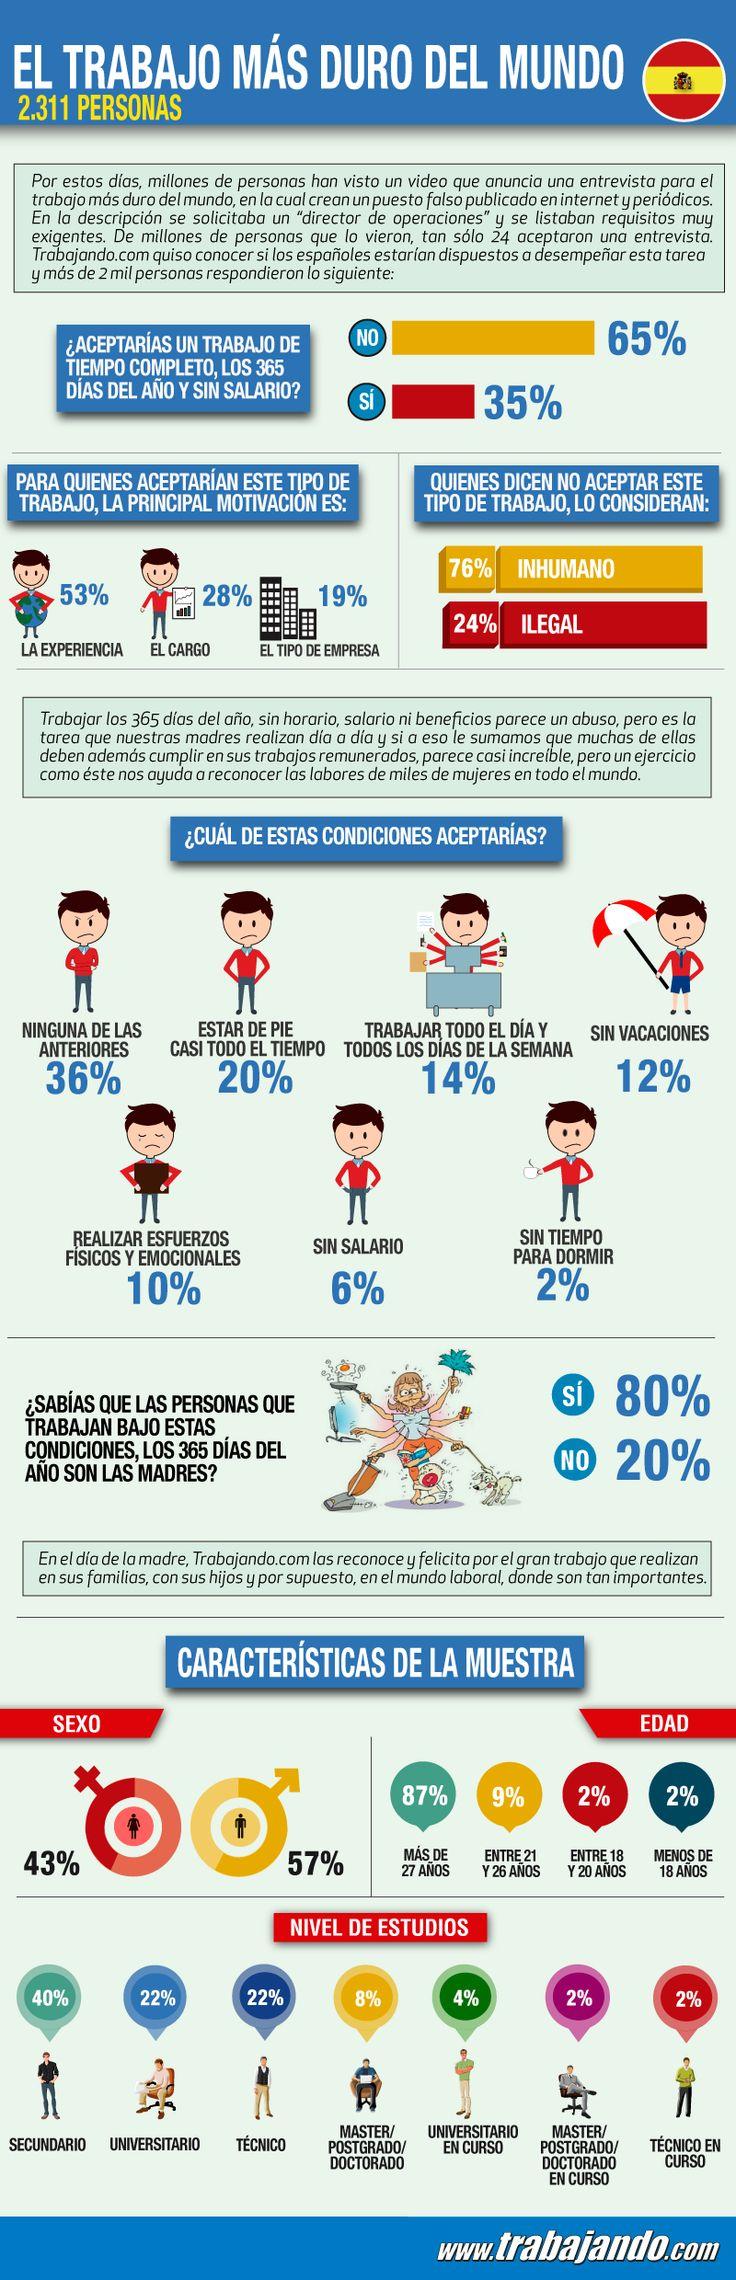 El #trabajo más duro del Mundo #felizdía VÍDEO https://www.youtube.com/watch?v=aqbr2HbhPuw #infografia